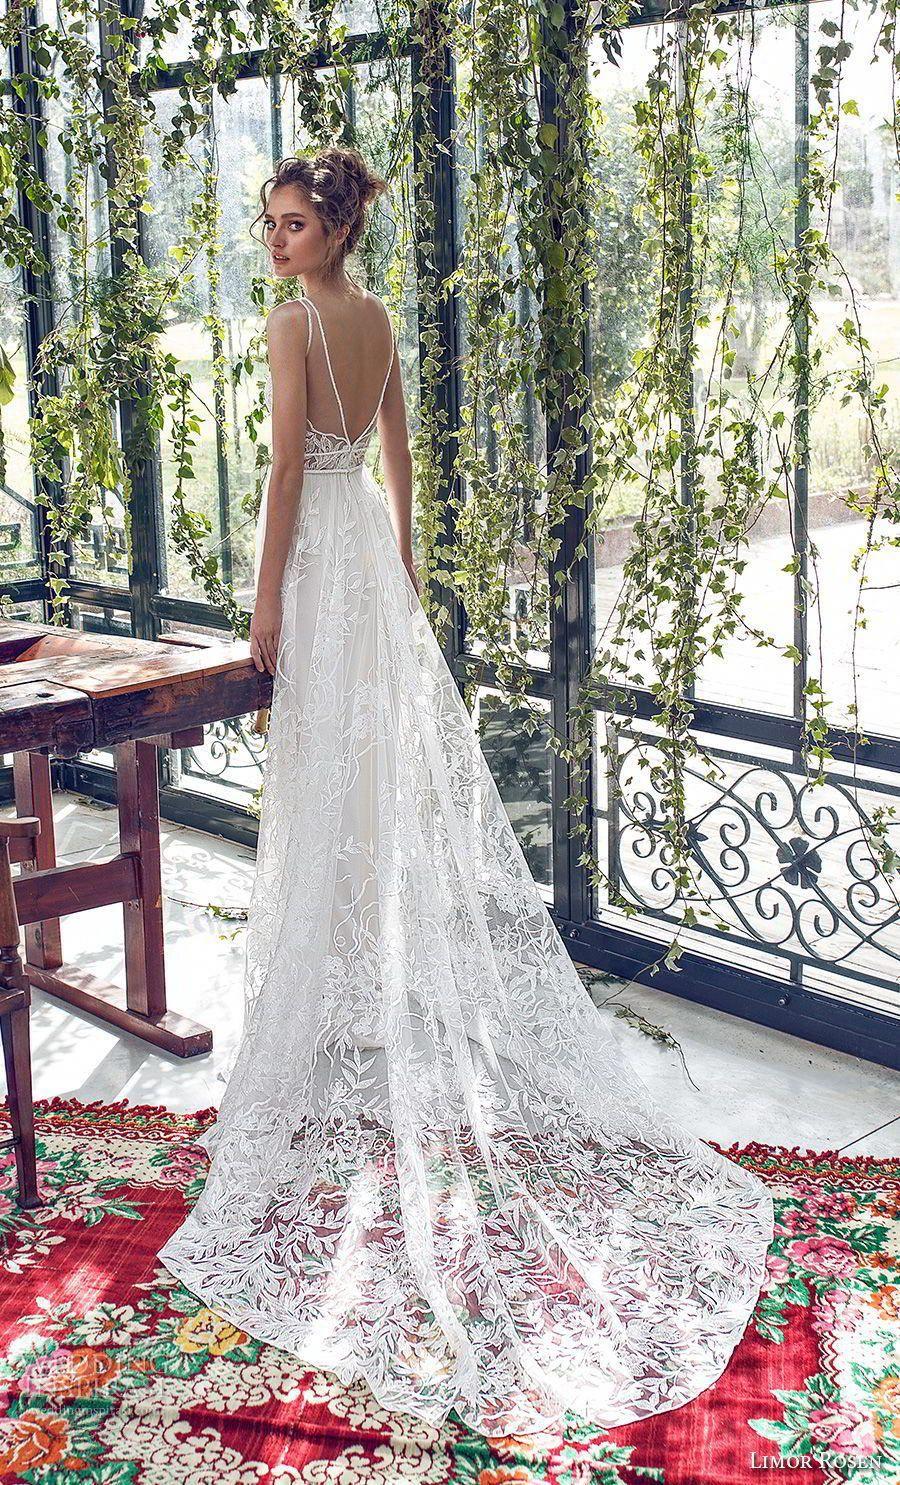 Limor rosen xo bridal sleeveless with strap deep v neck full